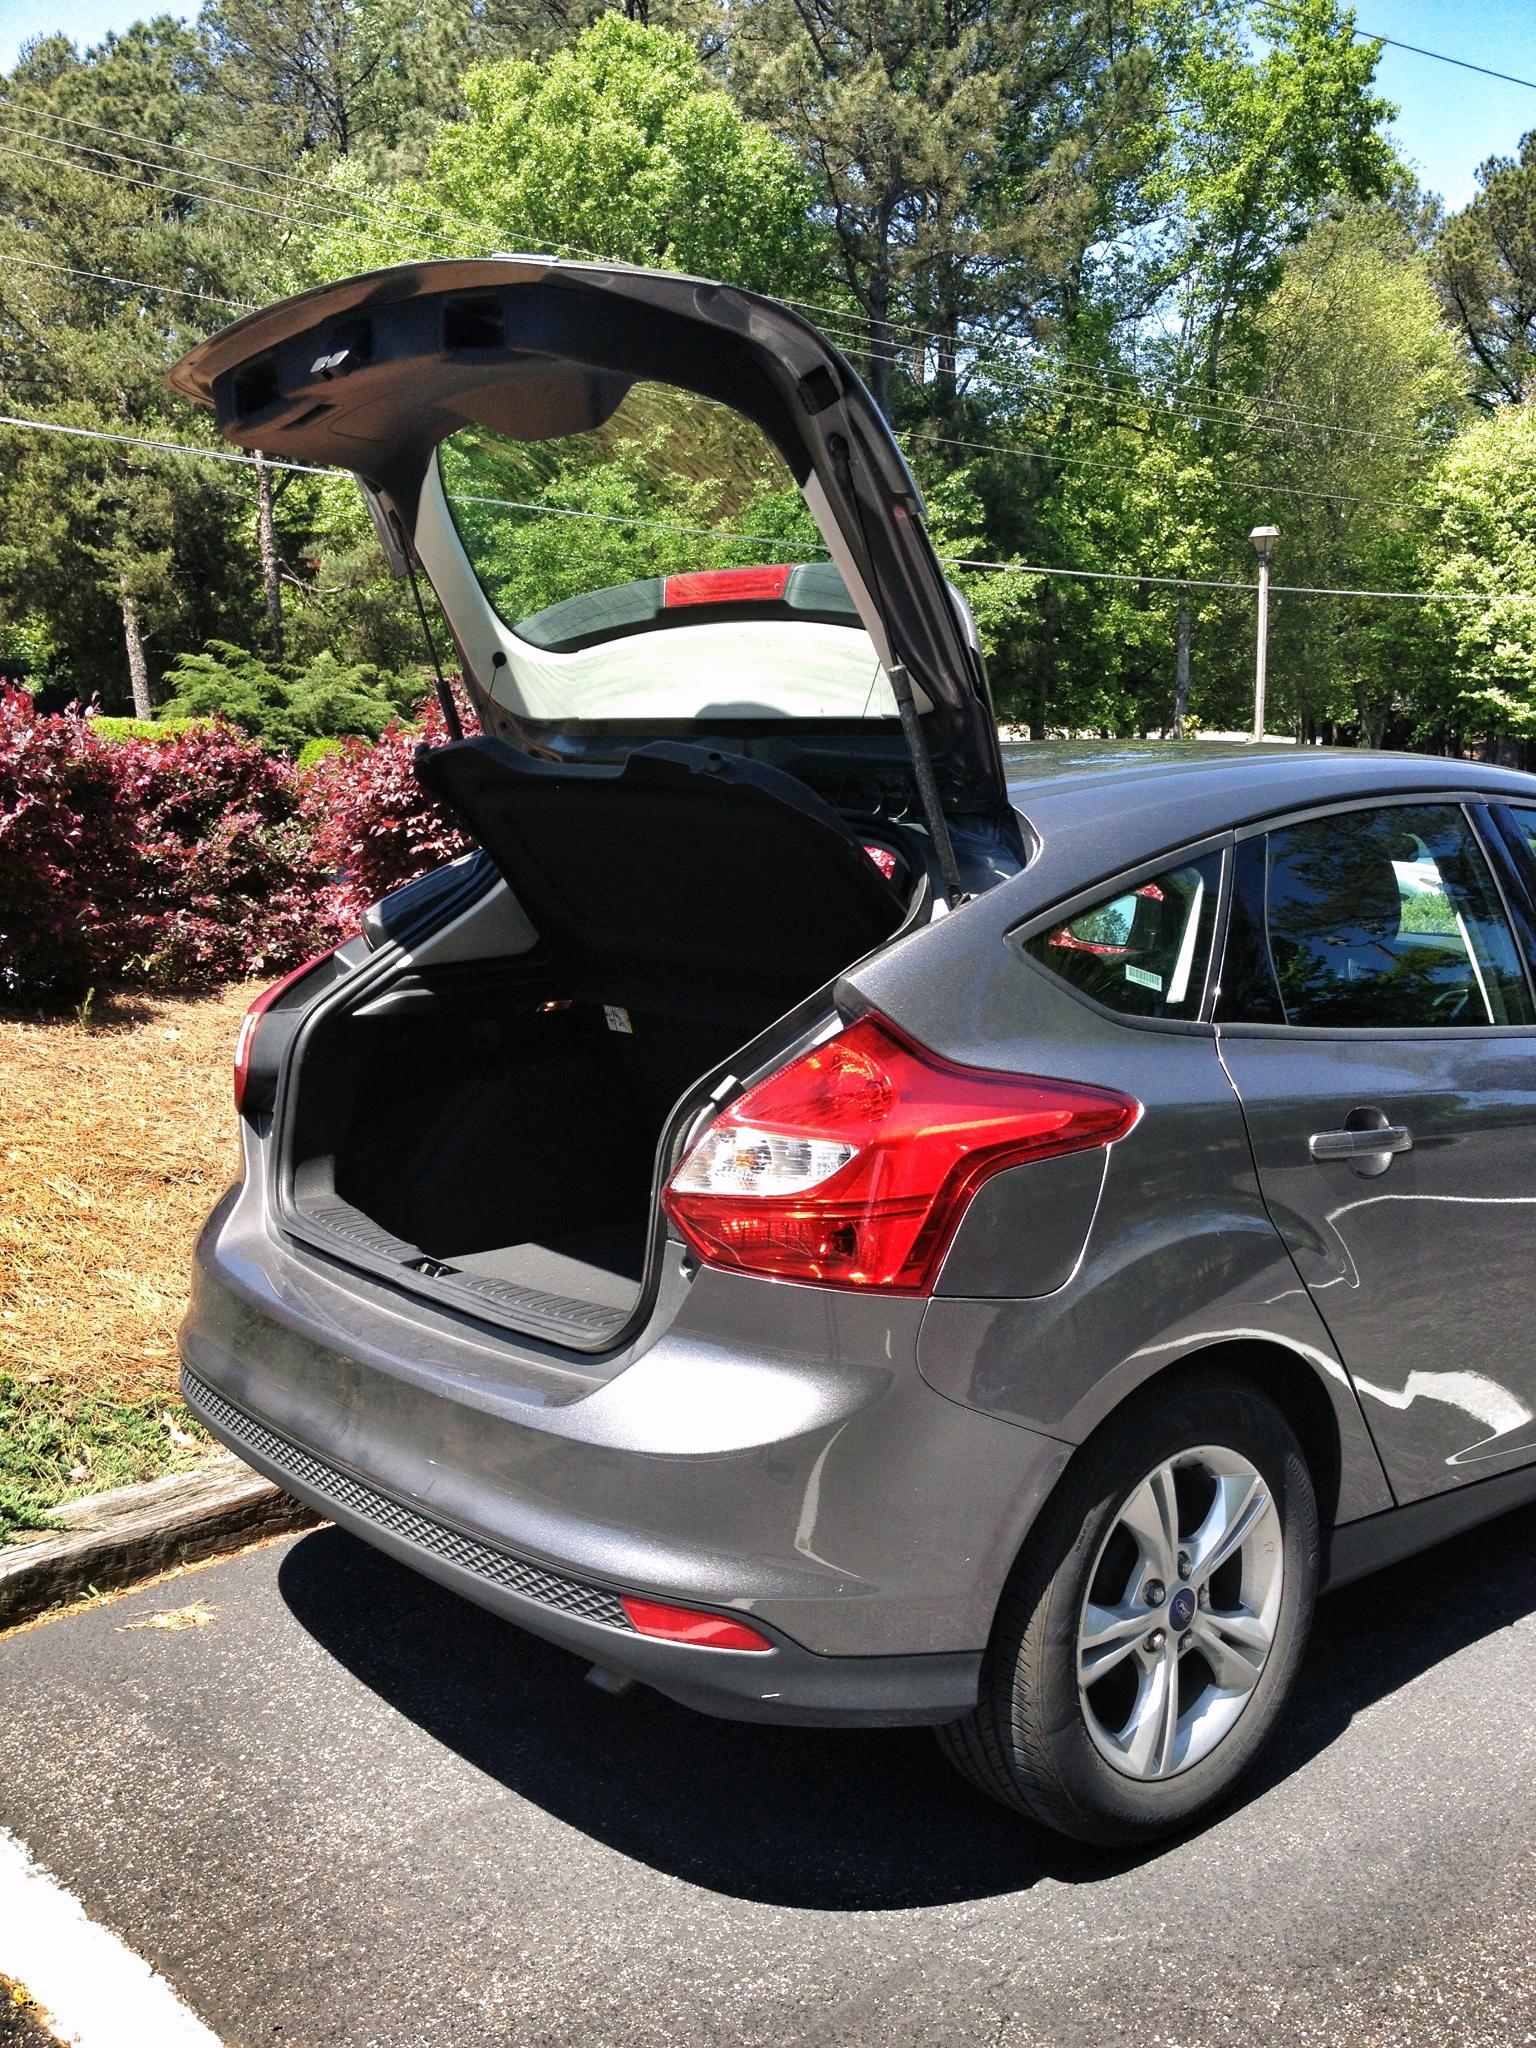 ford focus trunk ford focus hatchback tailgate trunk trim. Black Bedroom Furniture Sets. Home Design Ideas